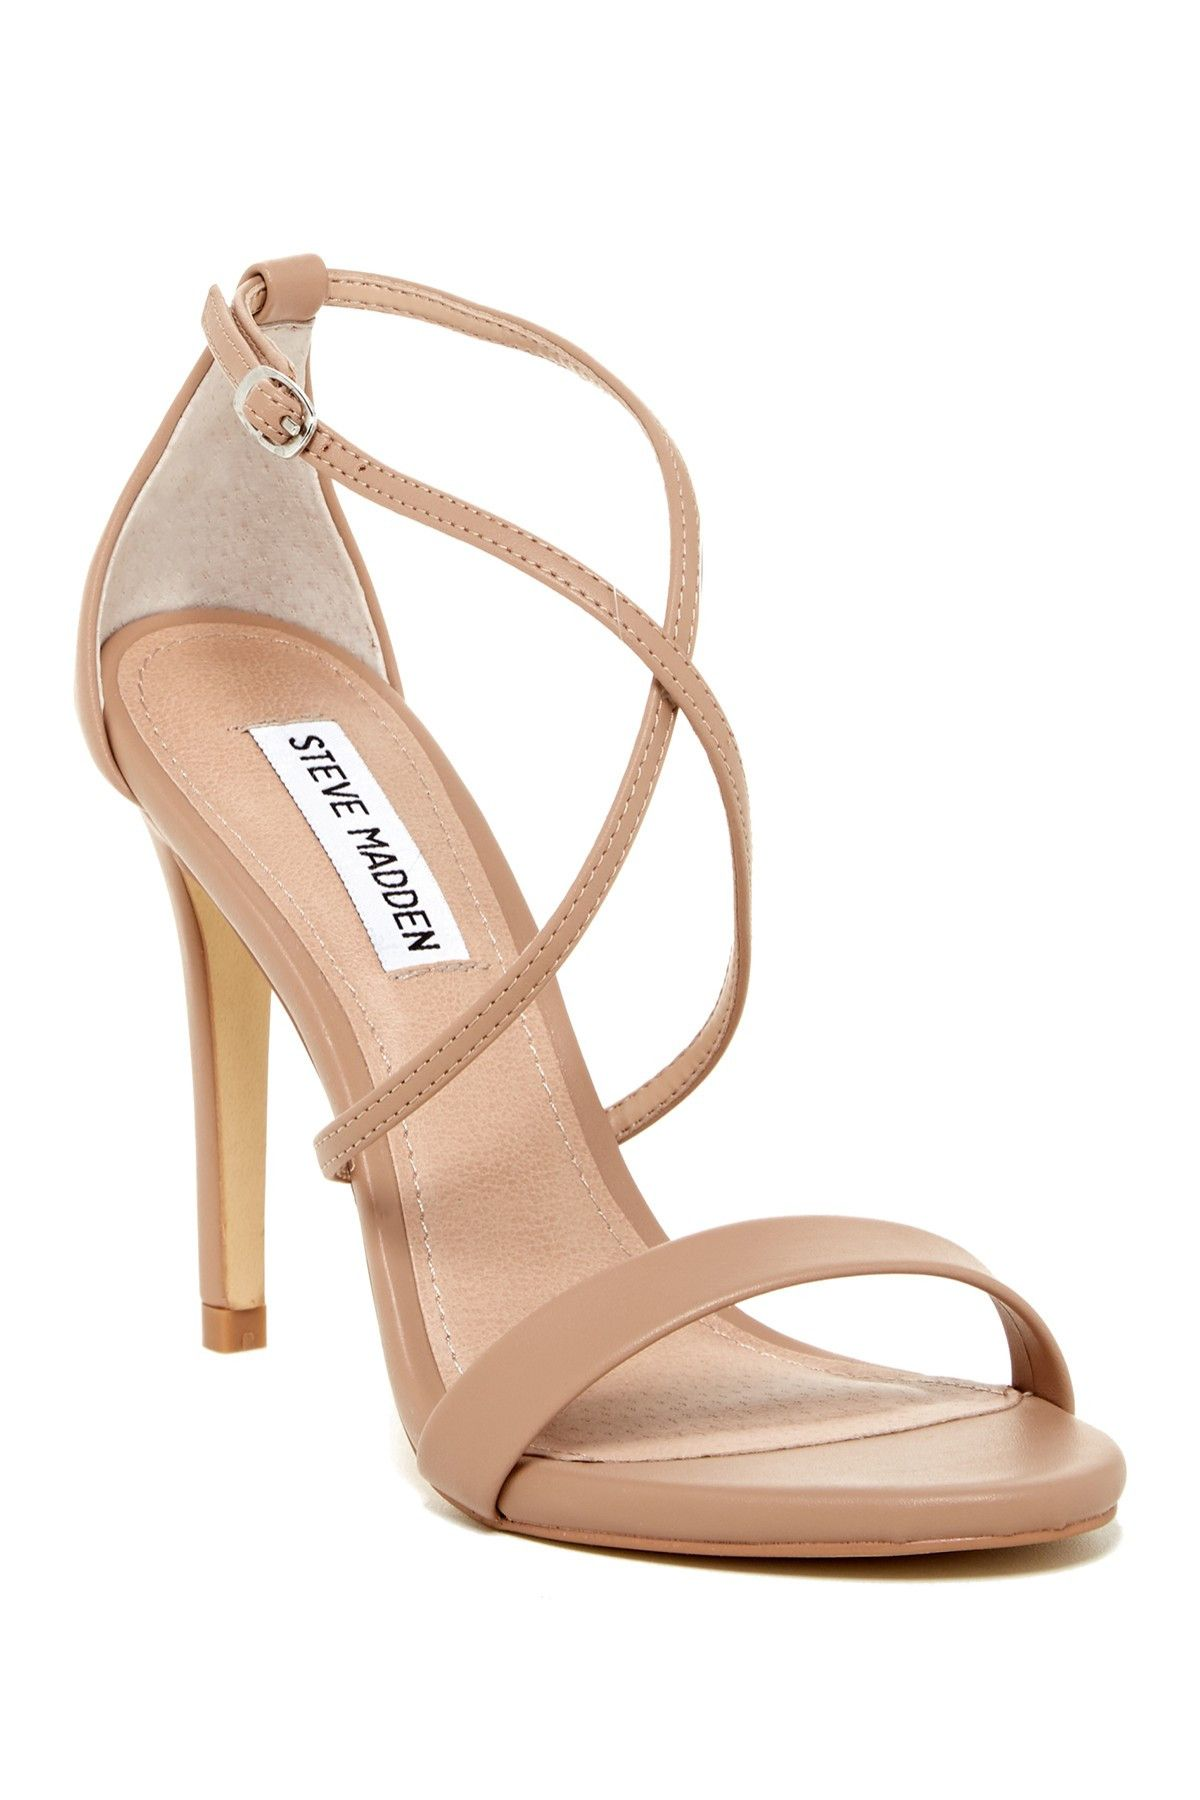 54a3b508e82 Floriaa Heel Sandal | Fashion | Shoes, Bridesmaid shoes, Homecoming ...